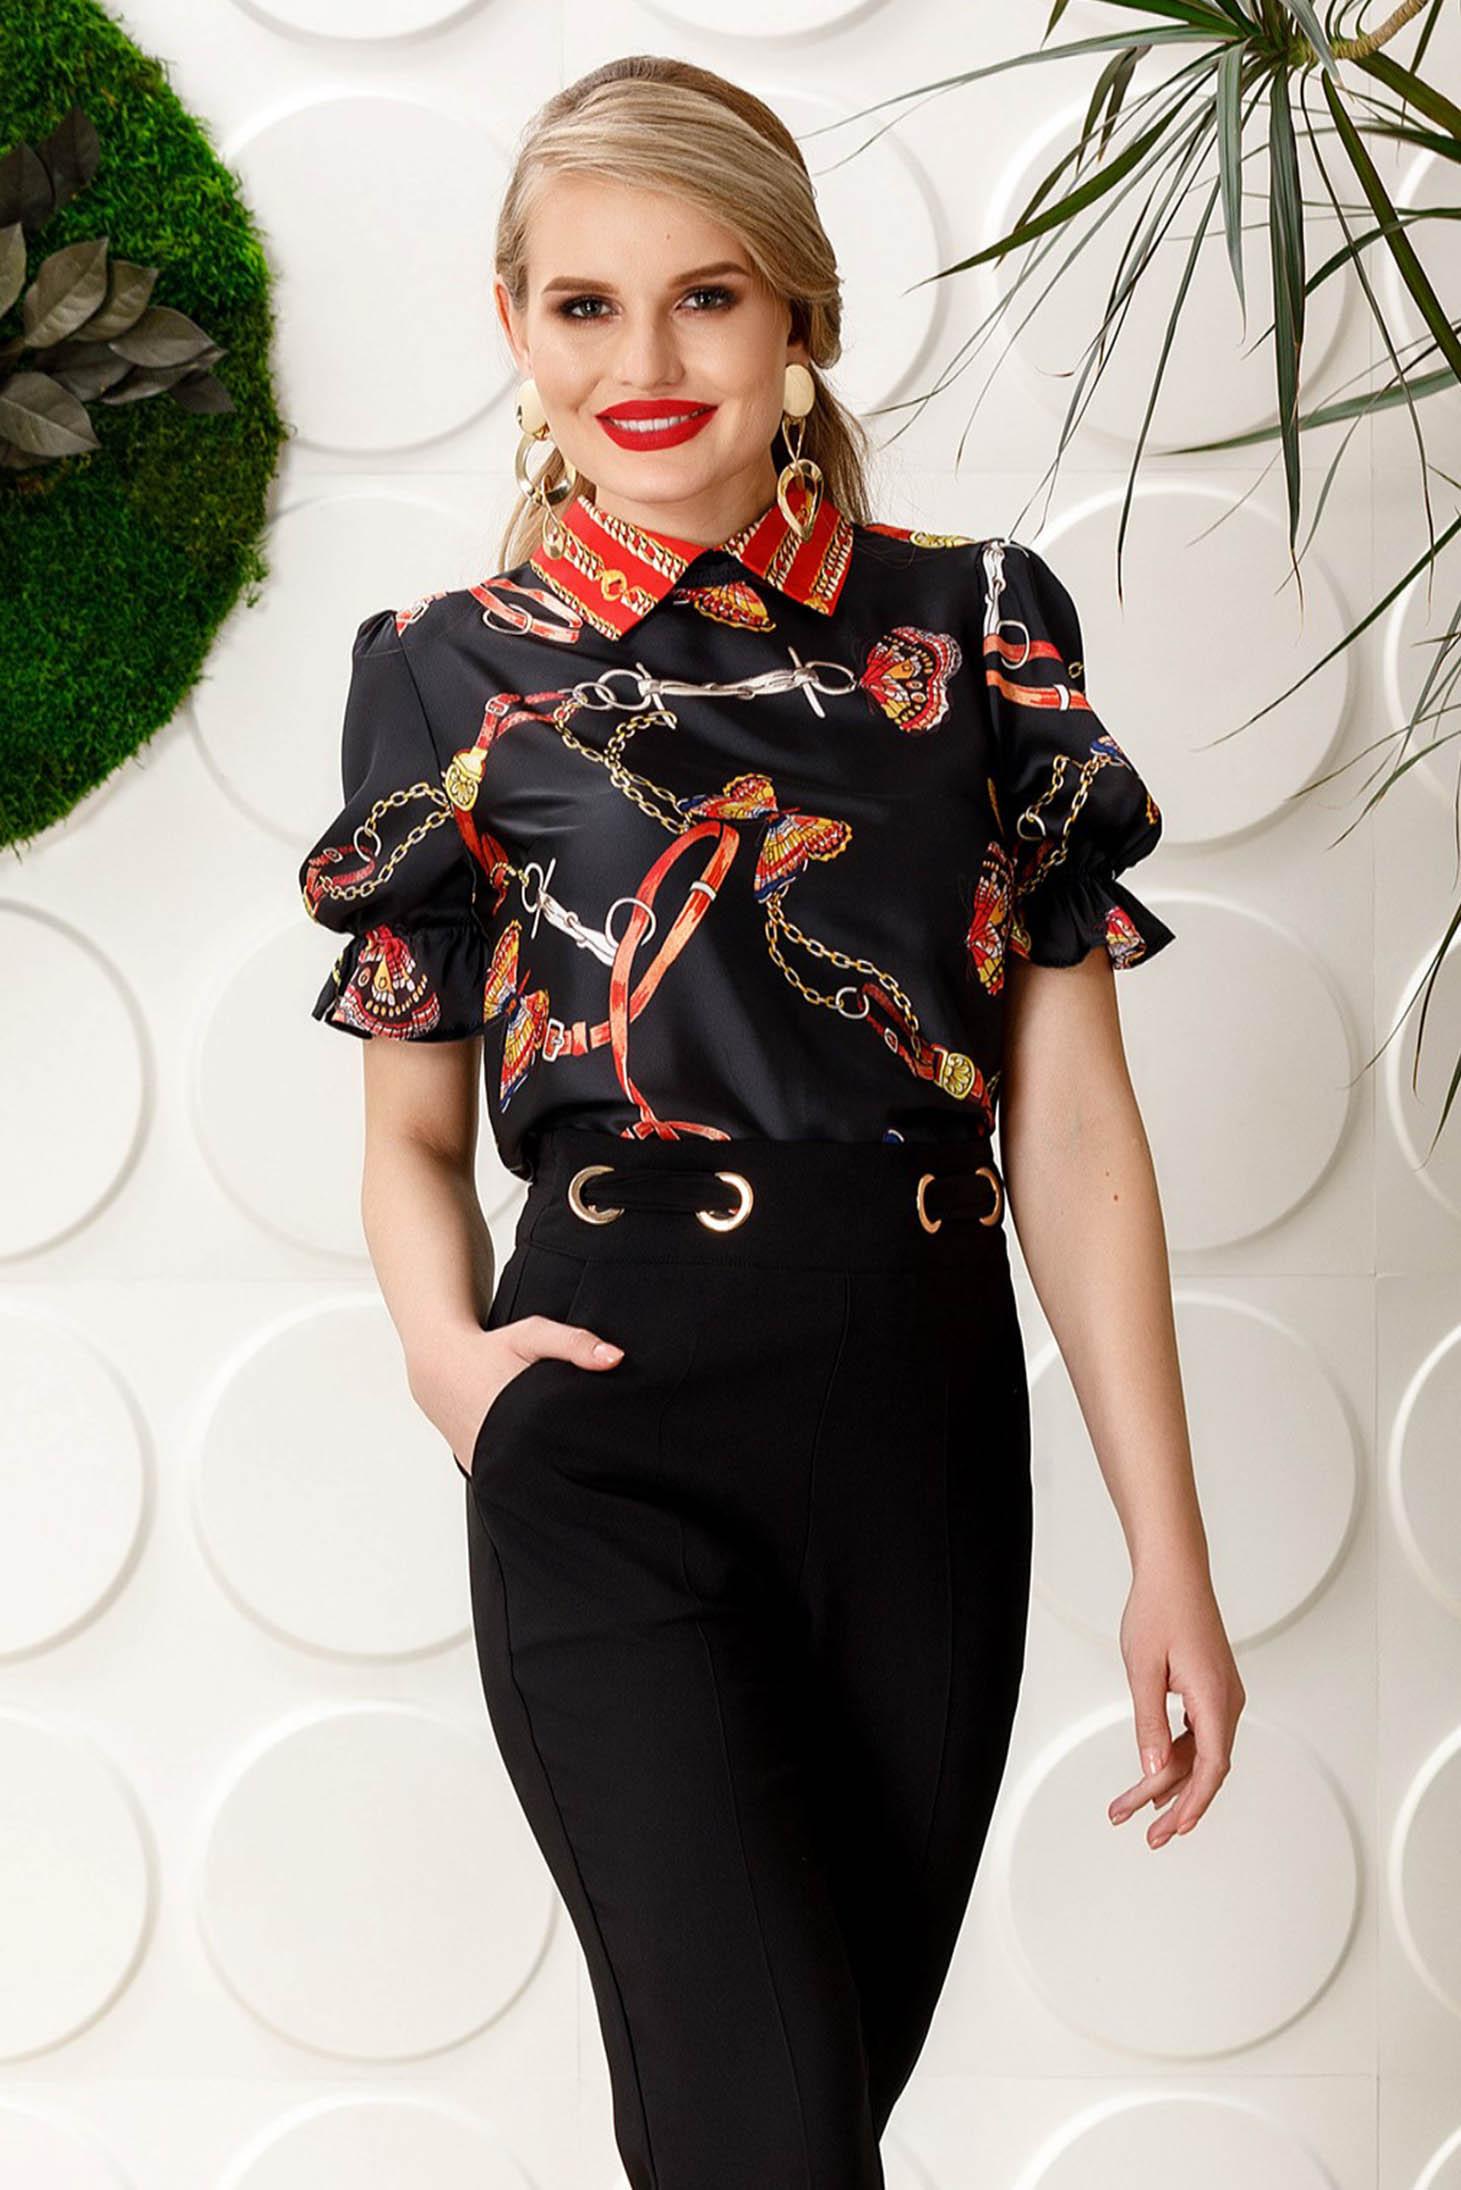 Bluza dama PrettyGirl neagra eleganta cu croi larg cu maneca scurta din material satinat cu imprimeuri grafice